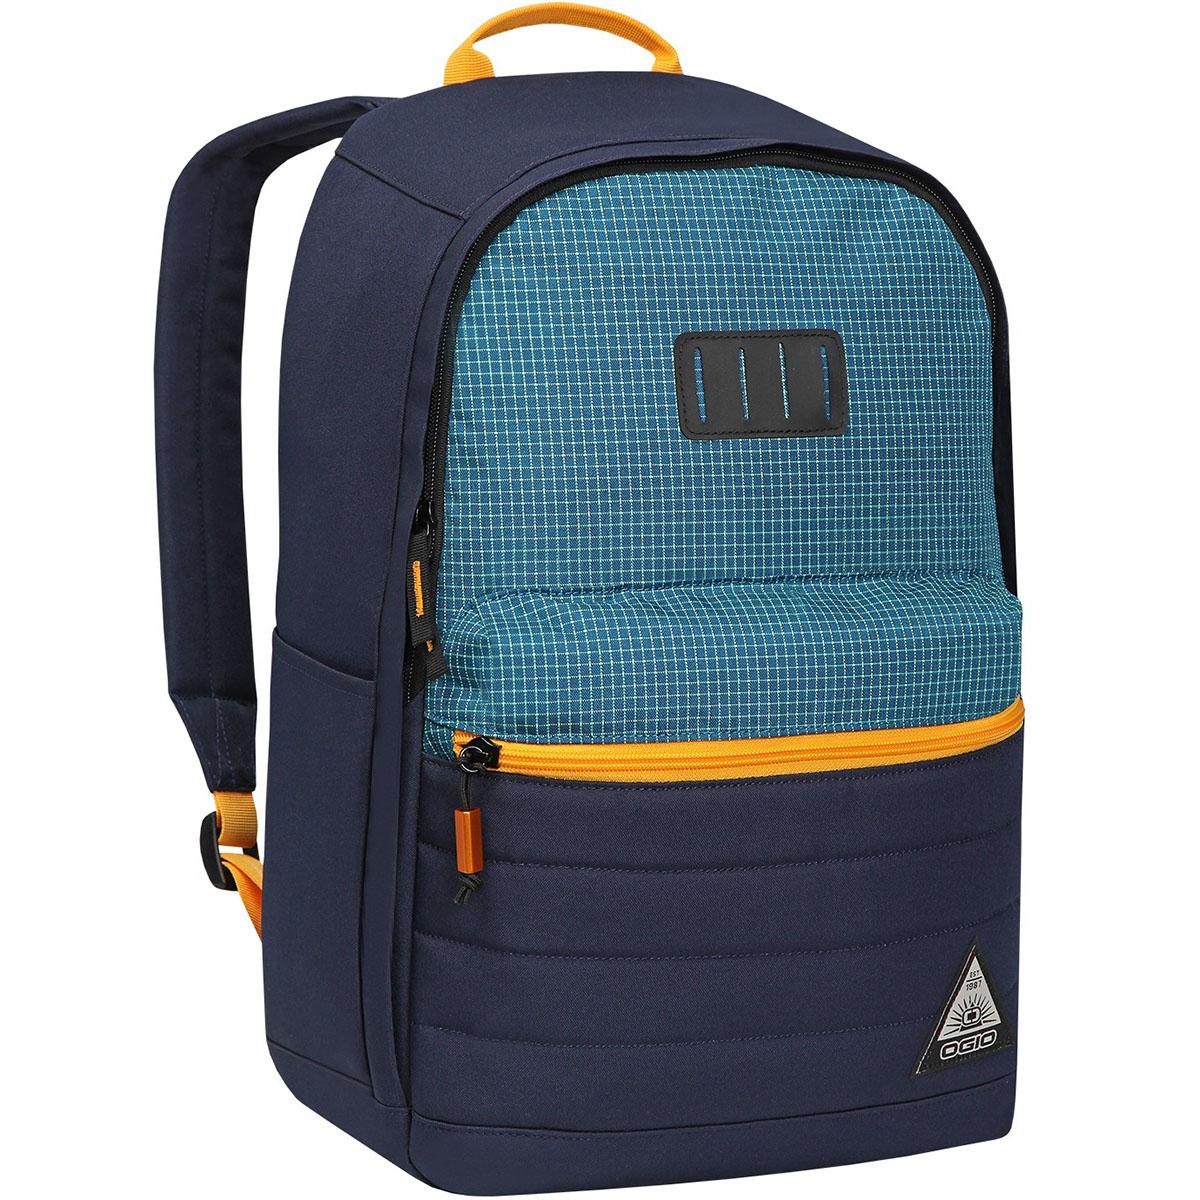 Рюкзак городской OGIO Urban. Lewis Pack (A/S), цвет: синий, желтый. 031652226951ЛЦ0036Компактный, но при этом достаточно вместительный рюкзак от Ogio. Имеется специализированный отсек для ноутбука а также уплотненный карман для ценных вещей на молнии. Внешний передний и боковой карманы на вертикальной молнии обеспечивают быстрый доступ к содержимому, позволяя всегда держать необходимые аксессуары и документы поблизости.